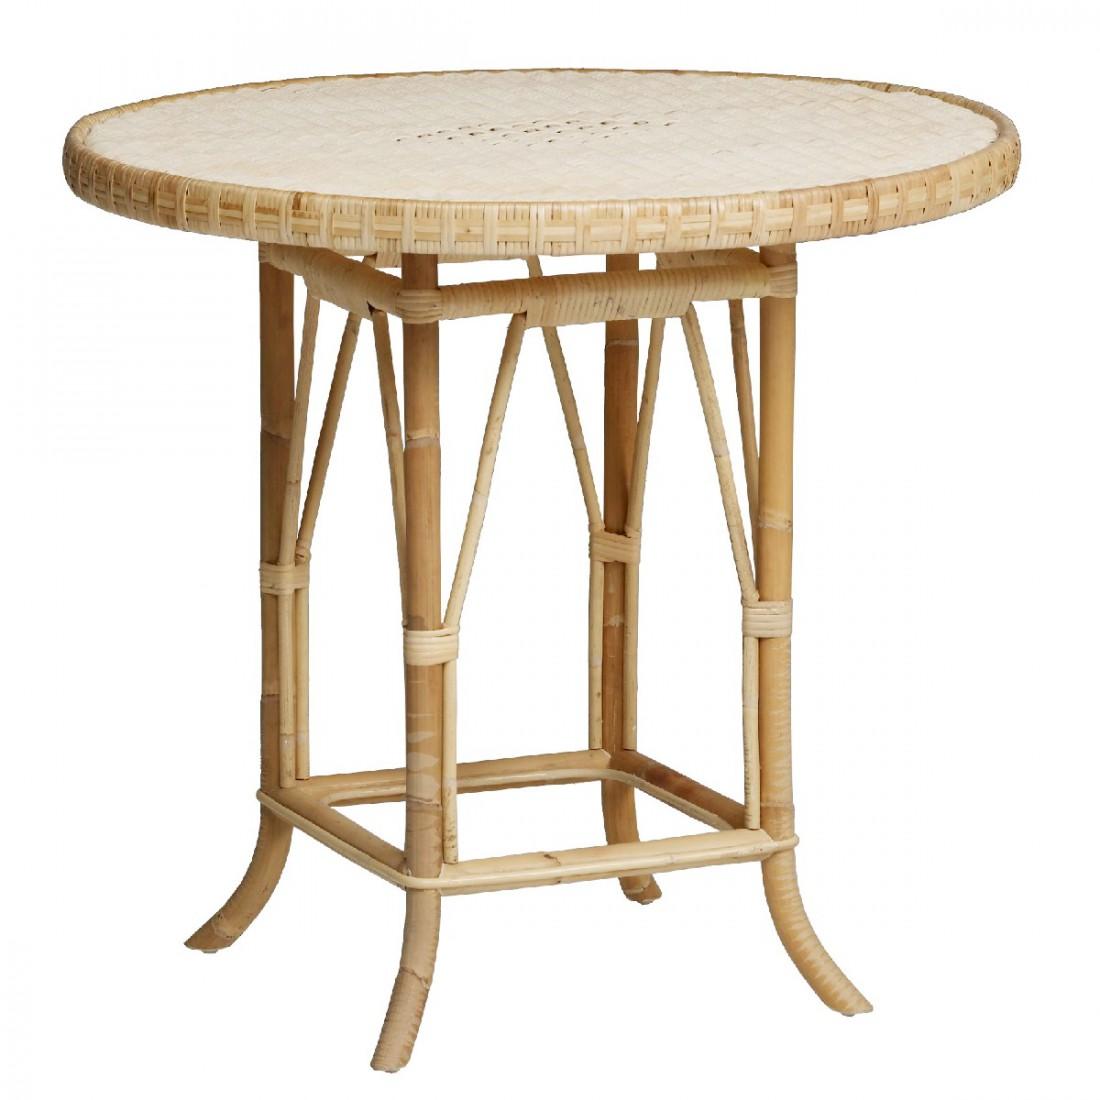 Table en rotin tress naturel eug nie for Table basse rotin